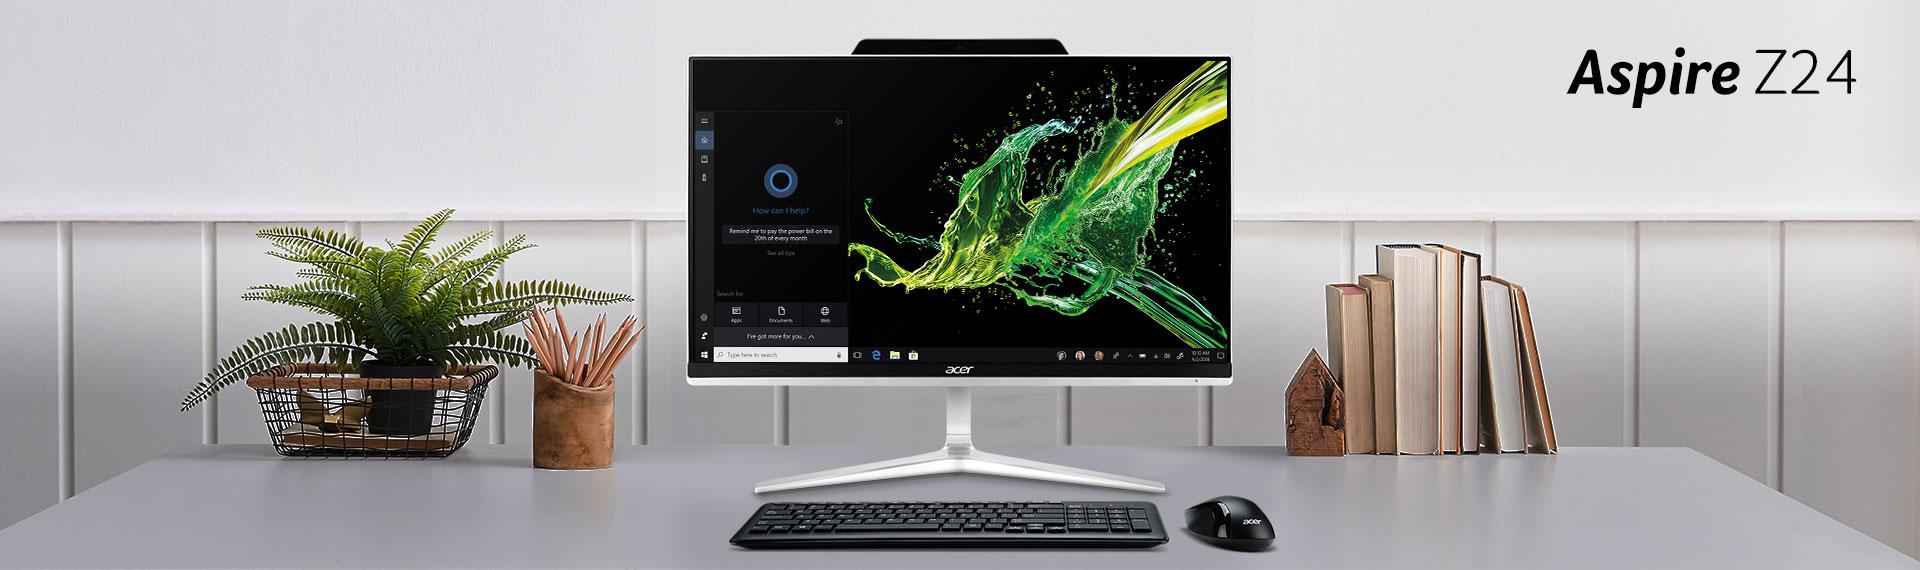 PC AIO Aspire Z24-890, Perangkat Hebat untuk Teman Kerja dan Main